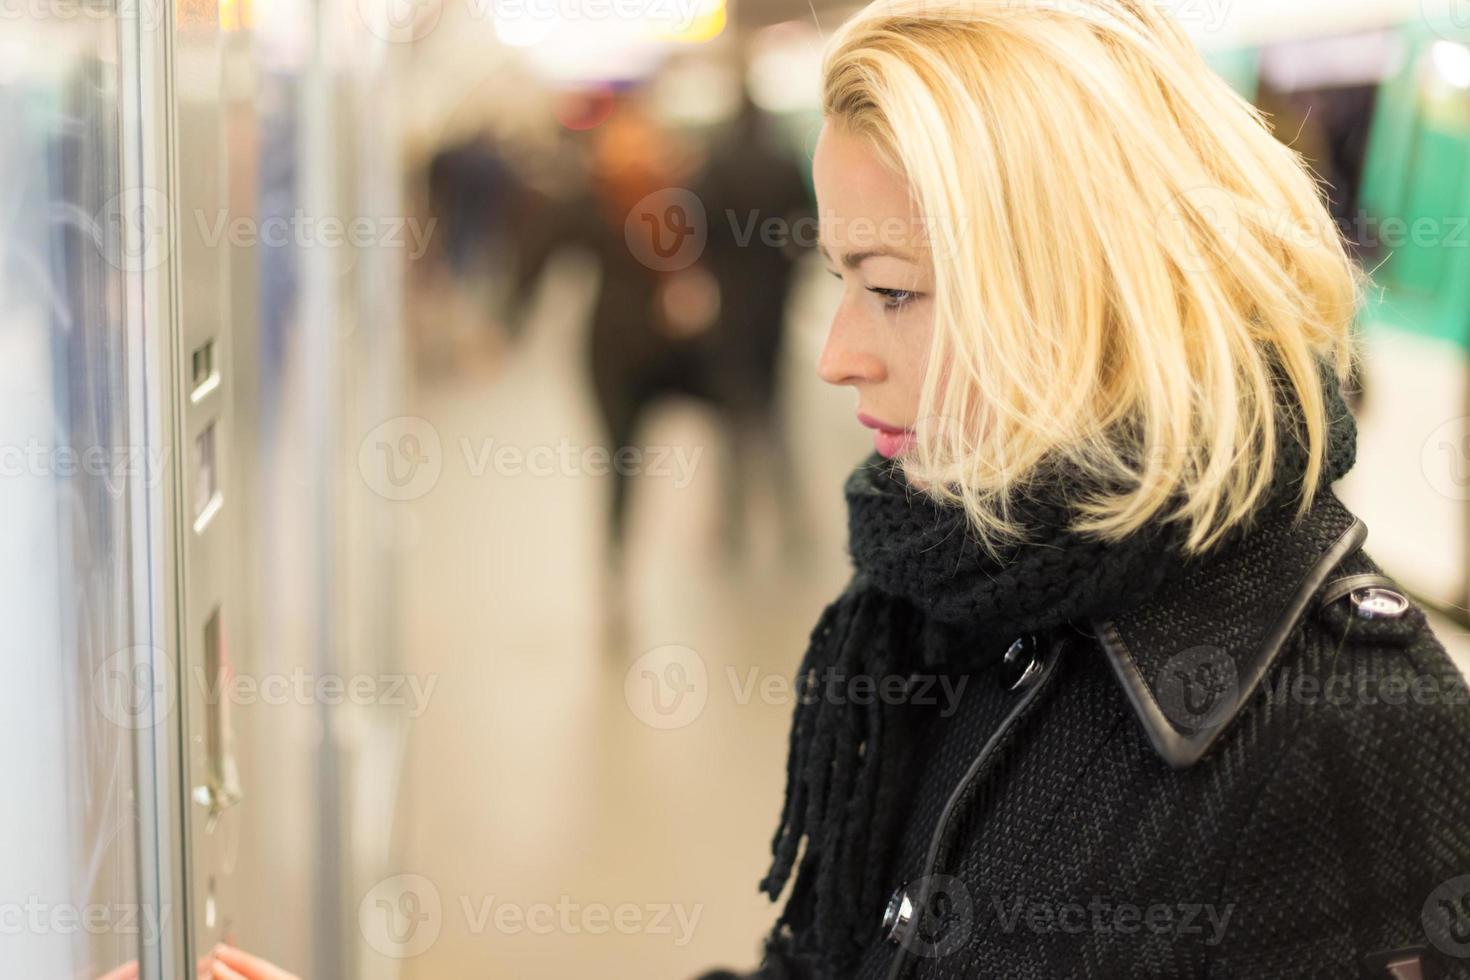 dam som köper biljett för kollektivtrafik. foto